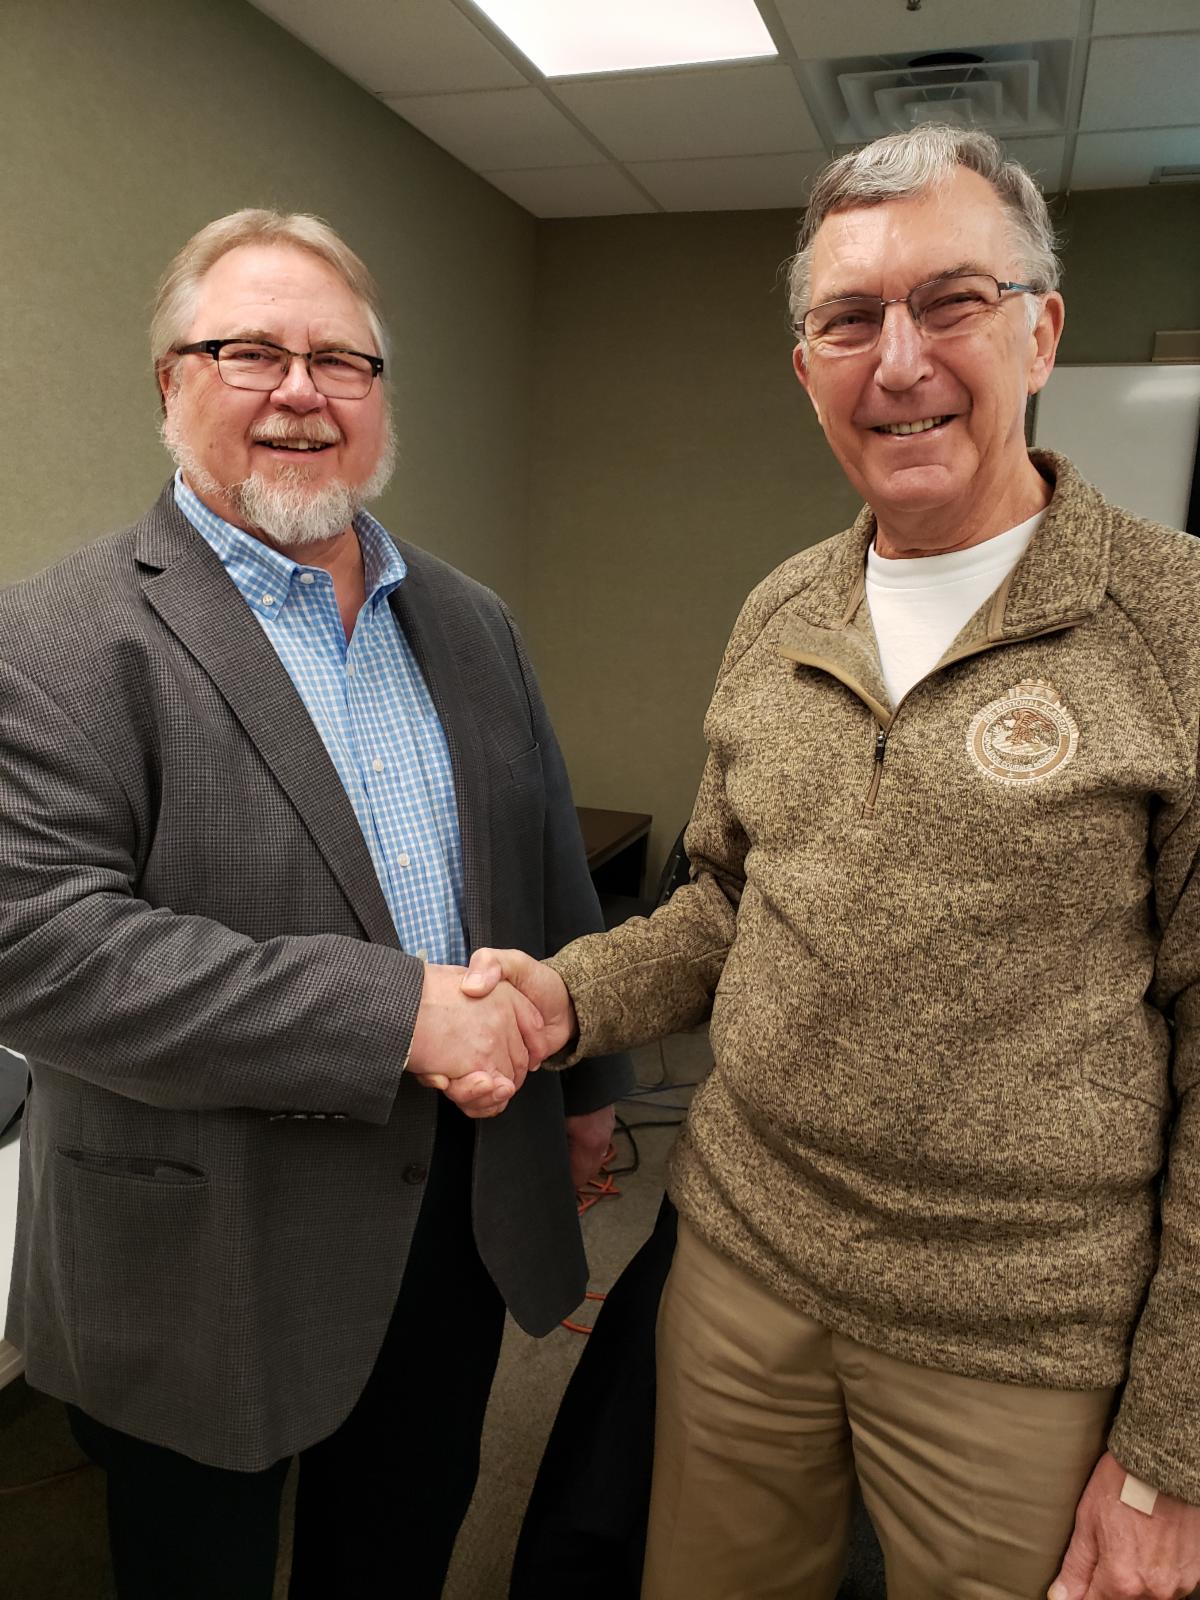 BACC President Dave Wegge thanks retiring Board member Tom Hinz